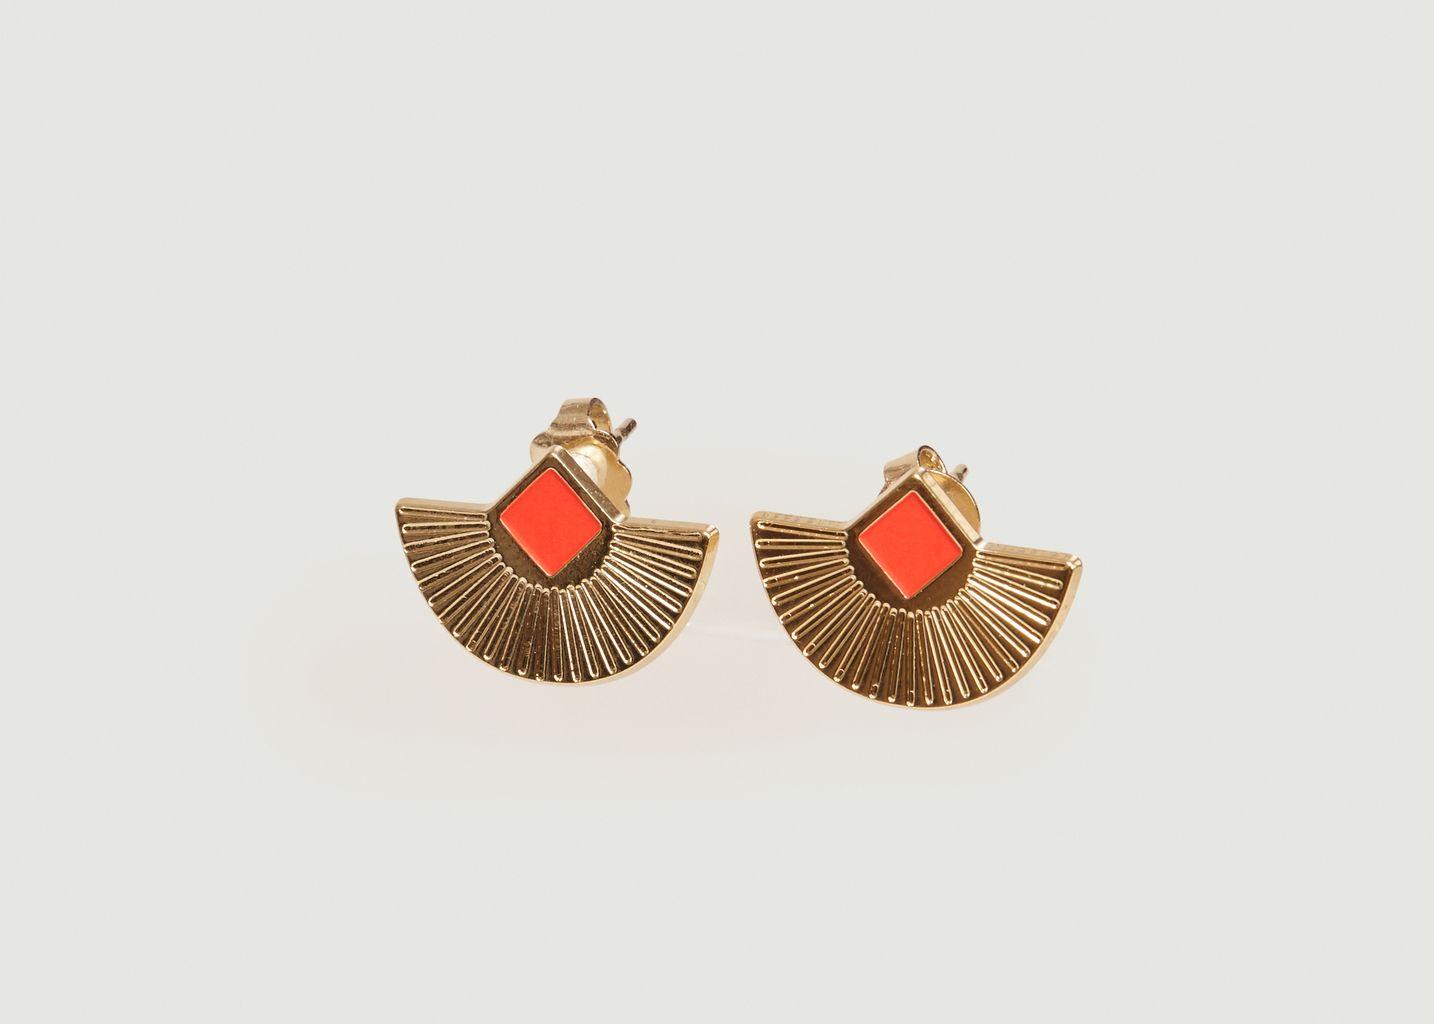 Boucles d'Oreilles Tiges Cuzco - Anne Thomas Bijoux